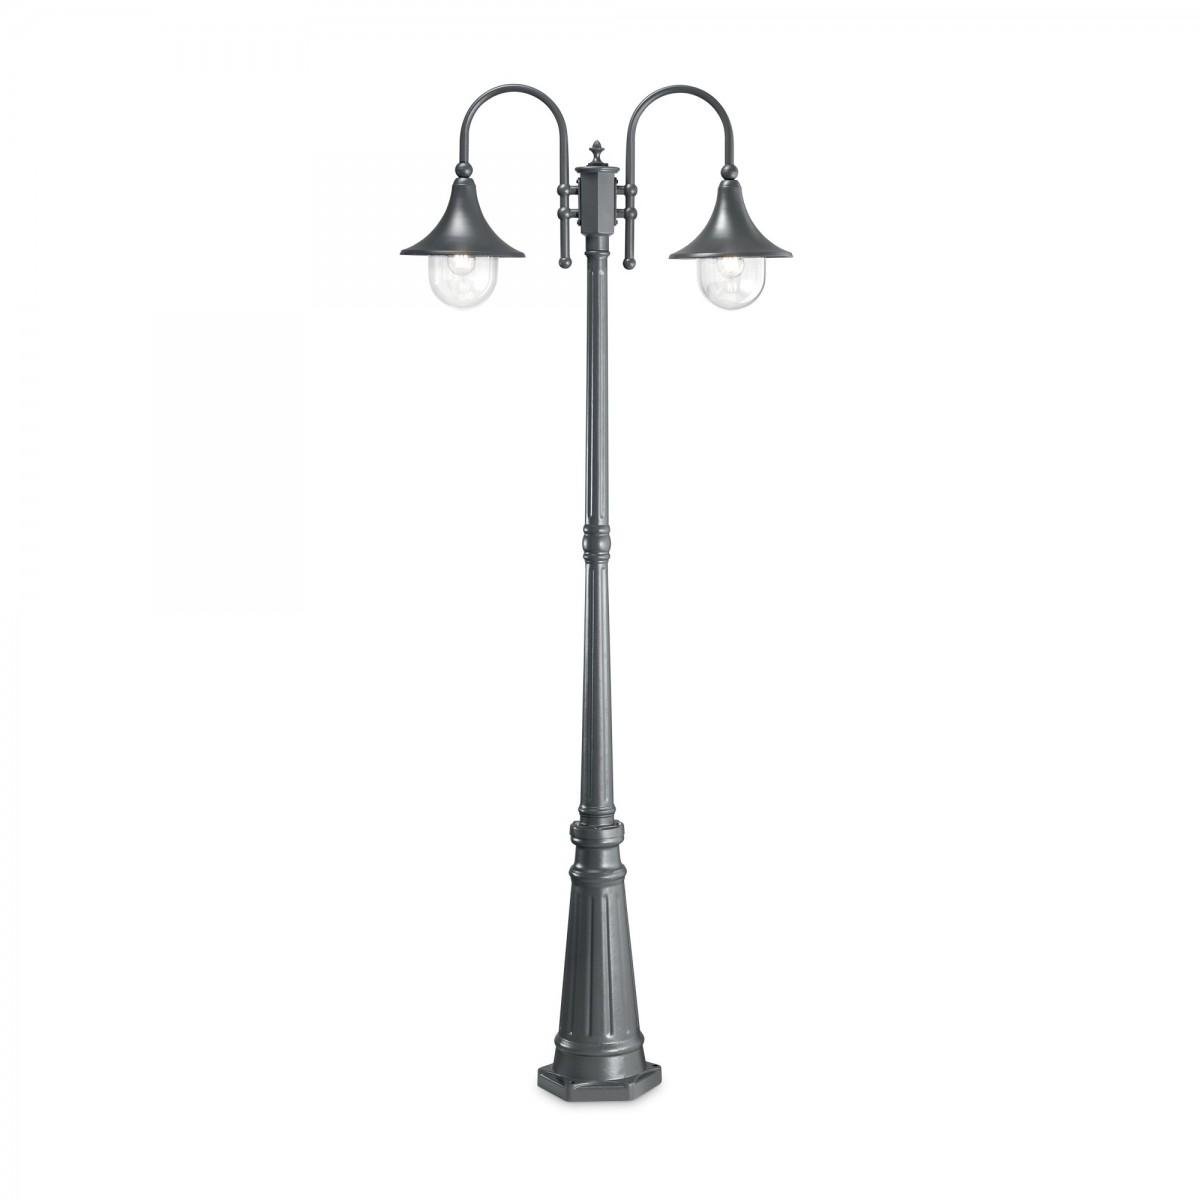 Ideal Lux 246833 venkovní stojanové svítidlo Cima 2x60W   E27   IP43 - antracit